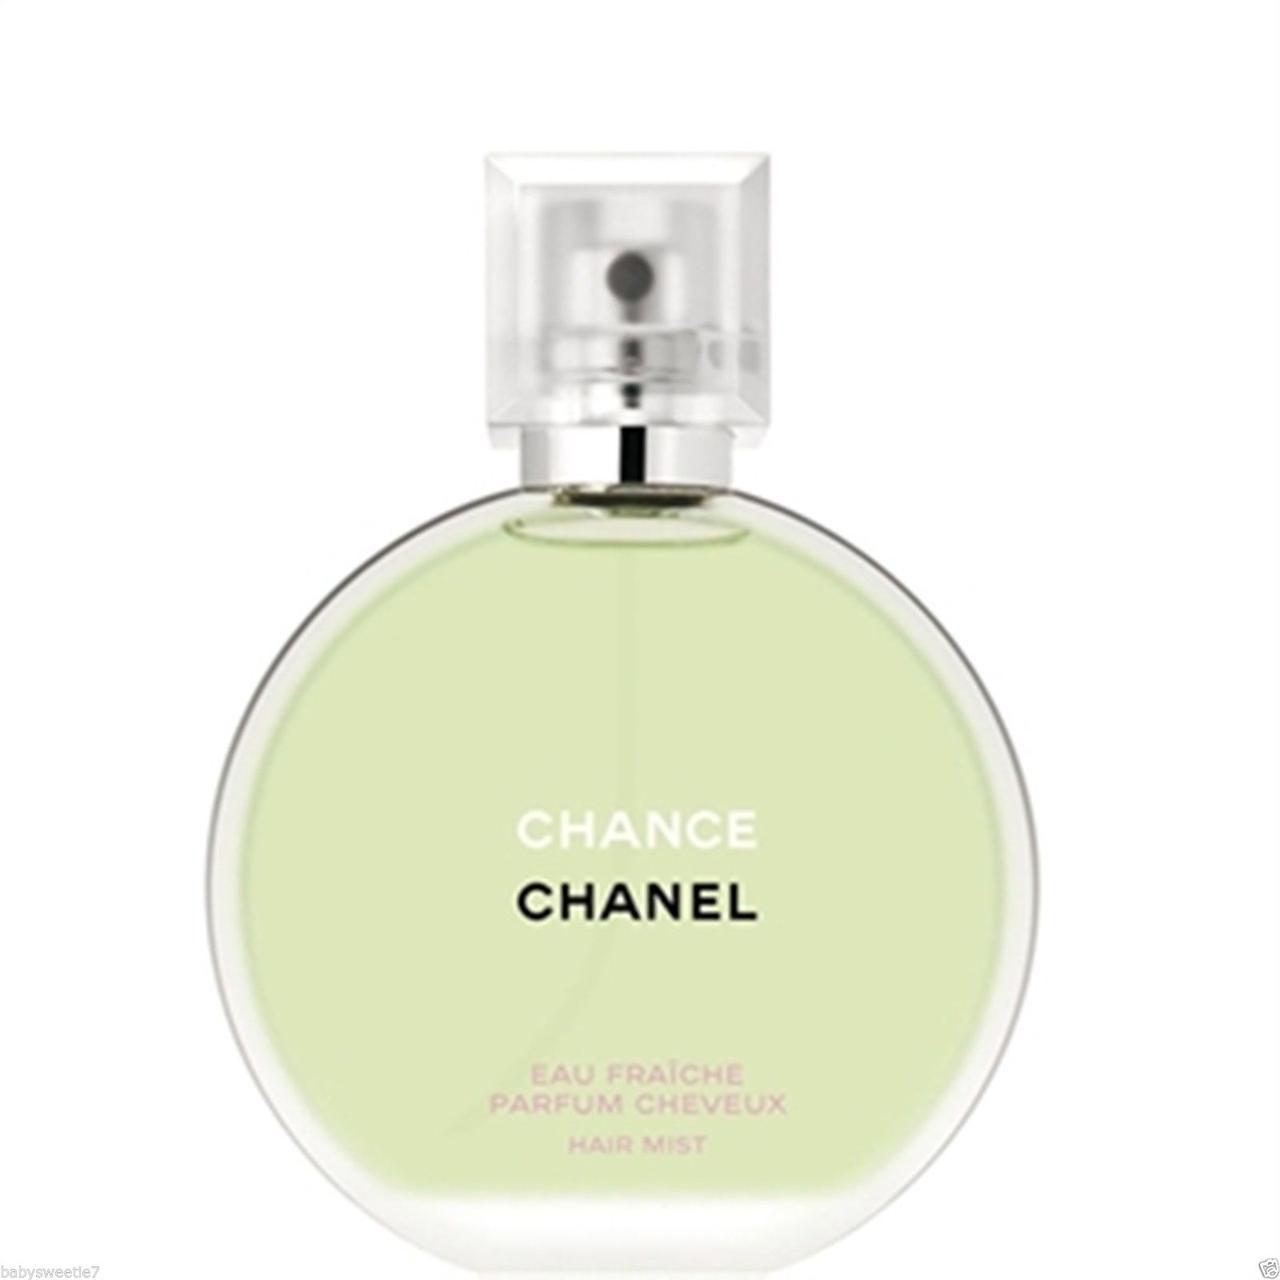 Chanel Chance Eau Fraiche Hair Mist Edt L 35 цена 1 417 грн